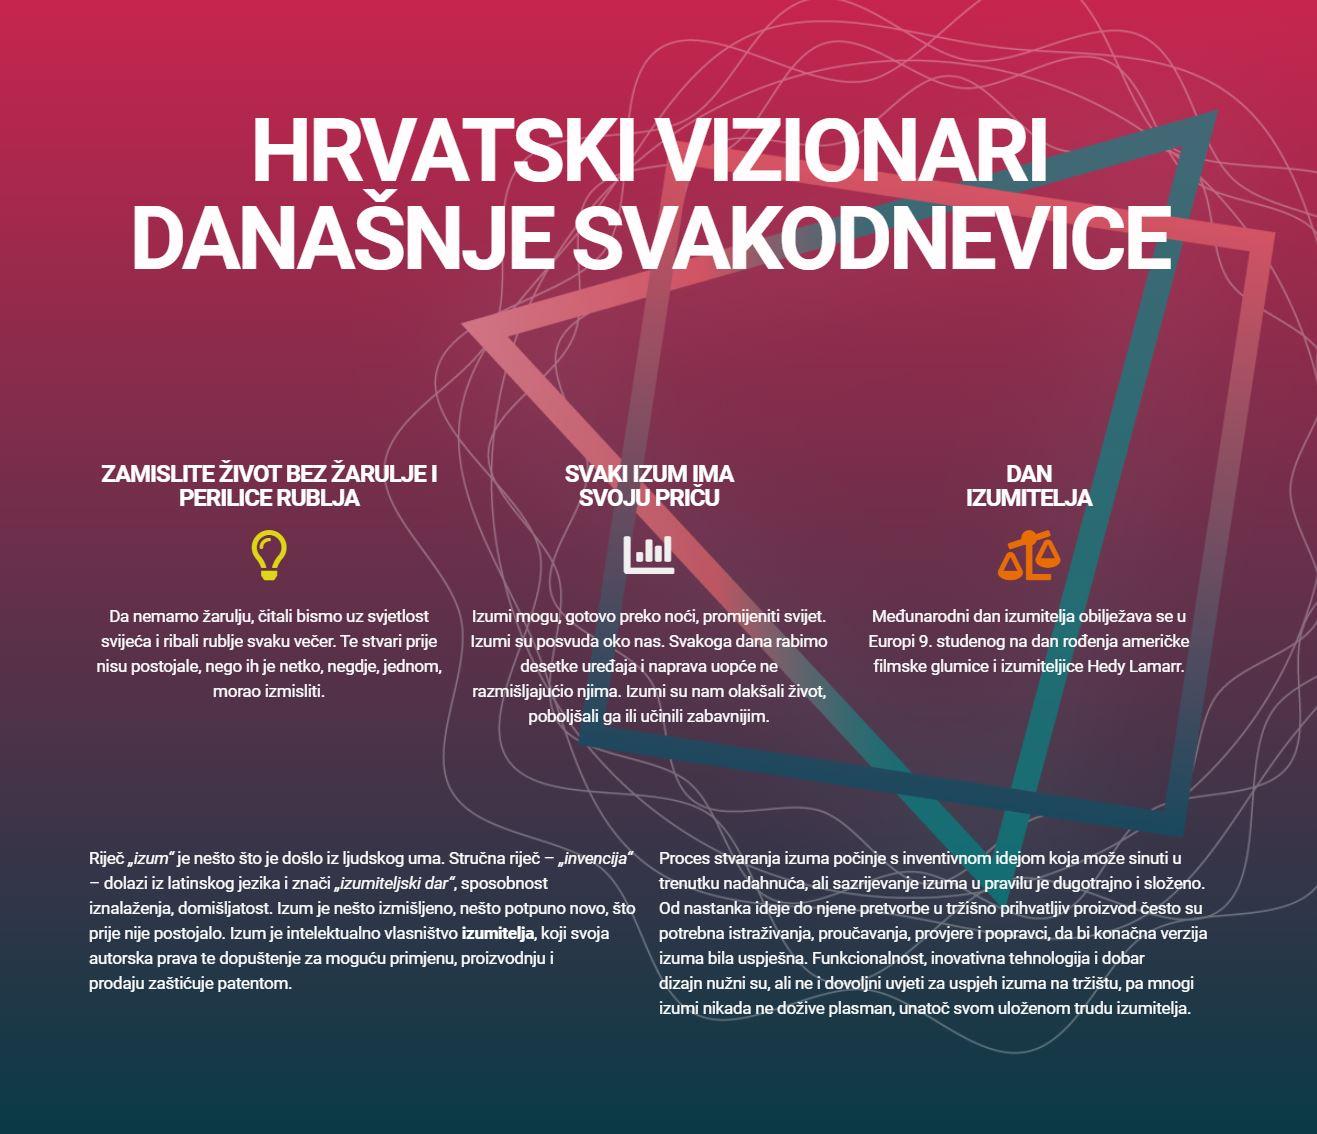 hrvatski vizionari današnje svakodnevice